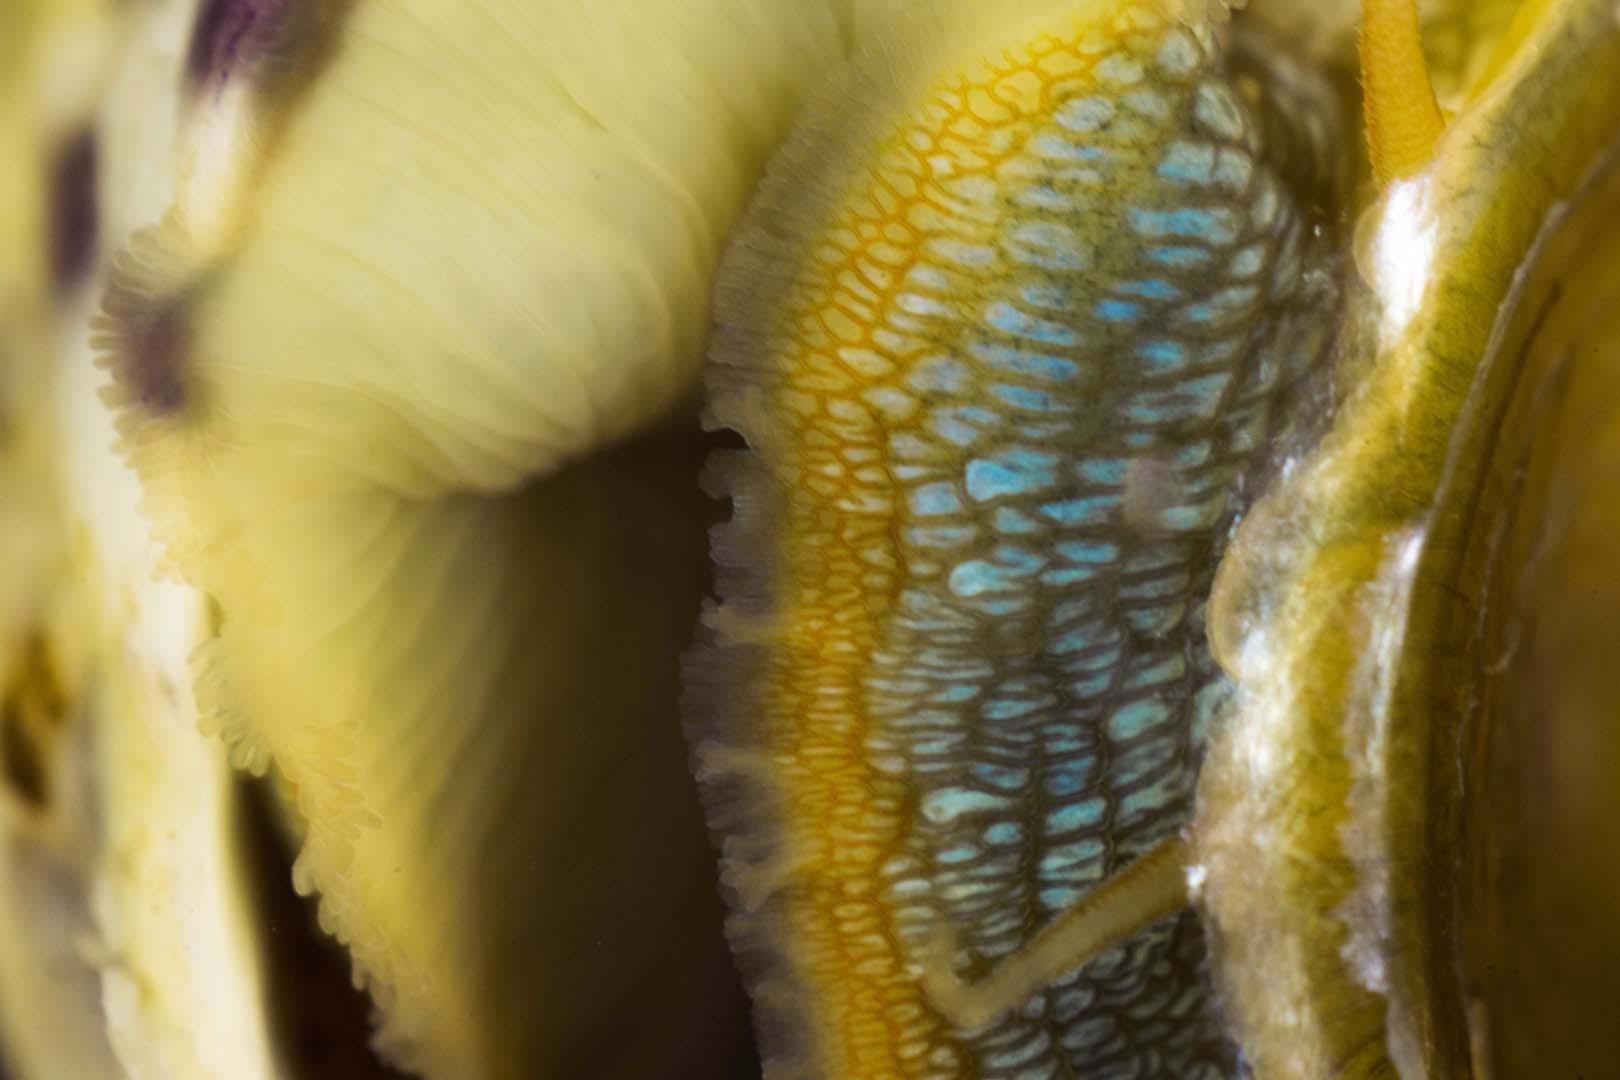 Detalle del cuerpo de un ejemplar adulto.